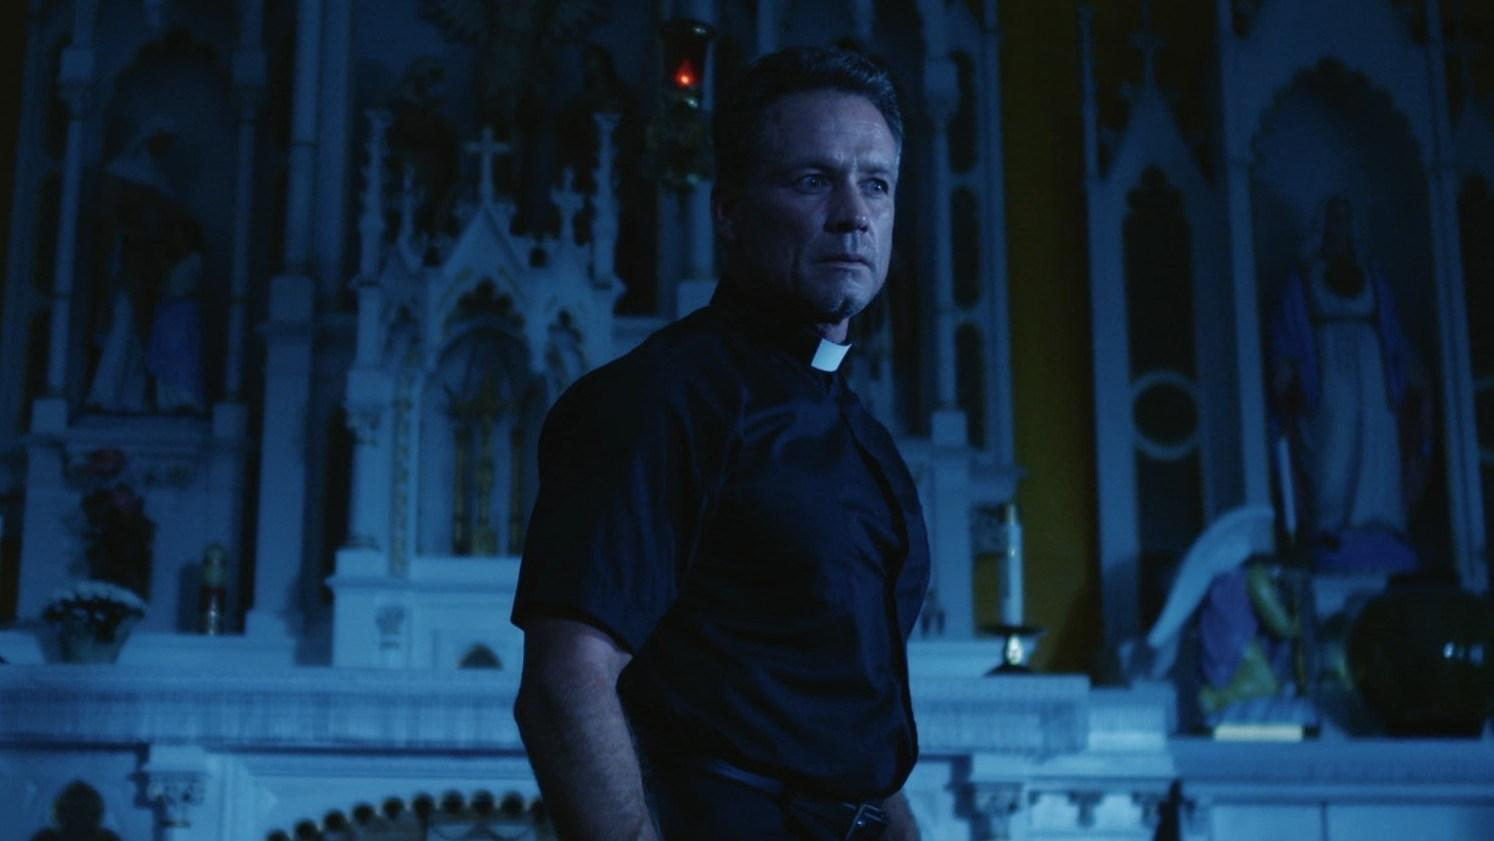 مشاهدة فيلم Devil's Whisper 2017 HD مترجم كامل اون لاين